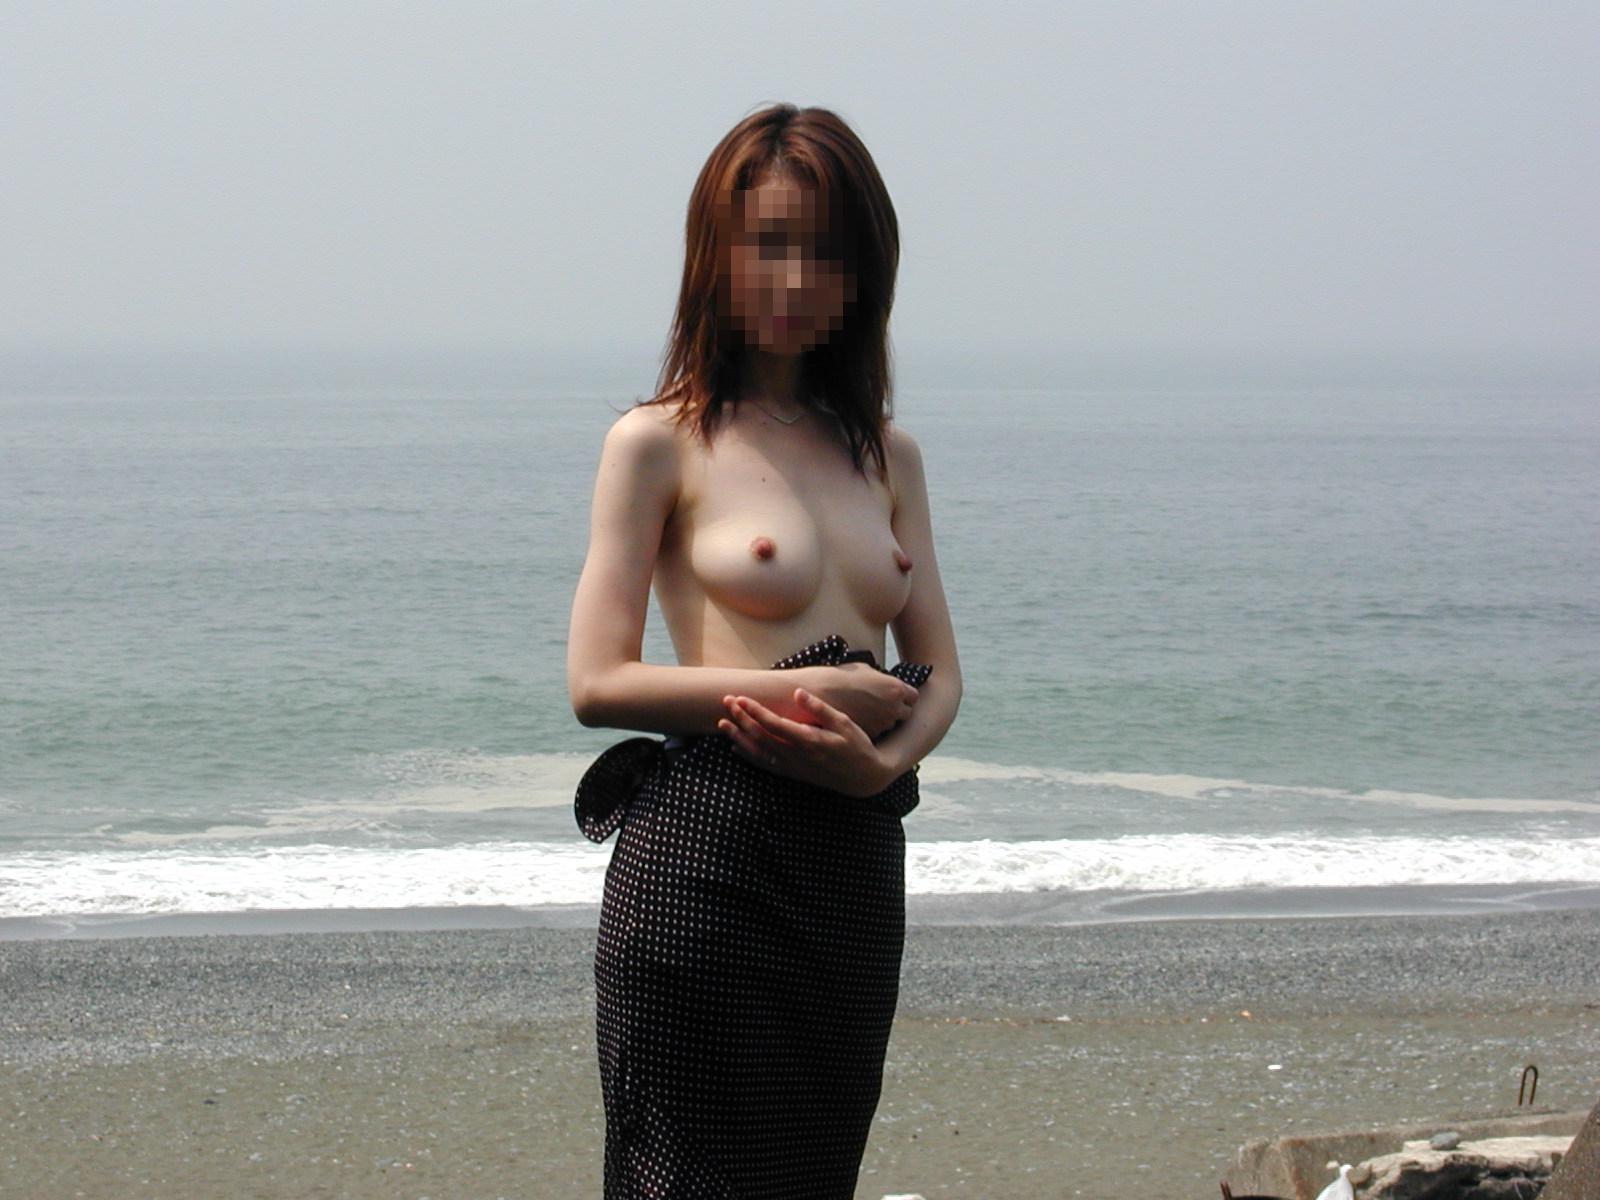 【素人露出エロ画像】海だからといって許されるものではないwww国内ビーチで露出する淑女たち 04